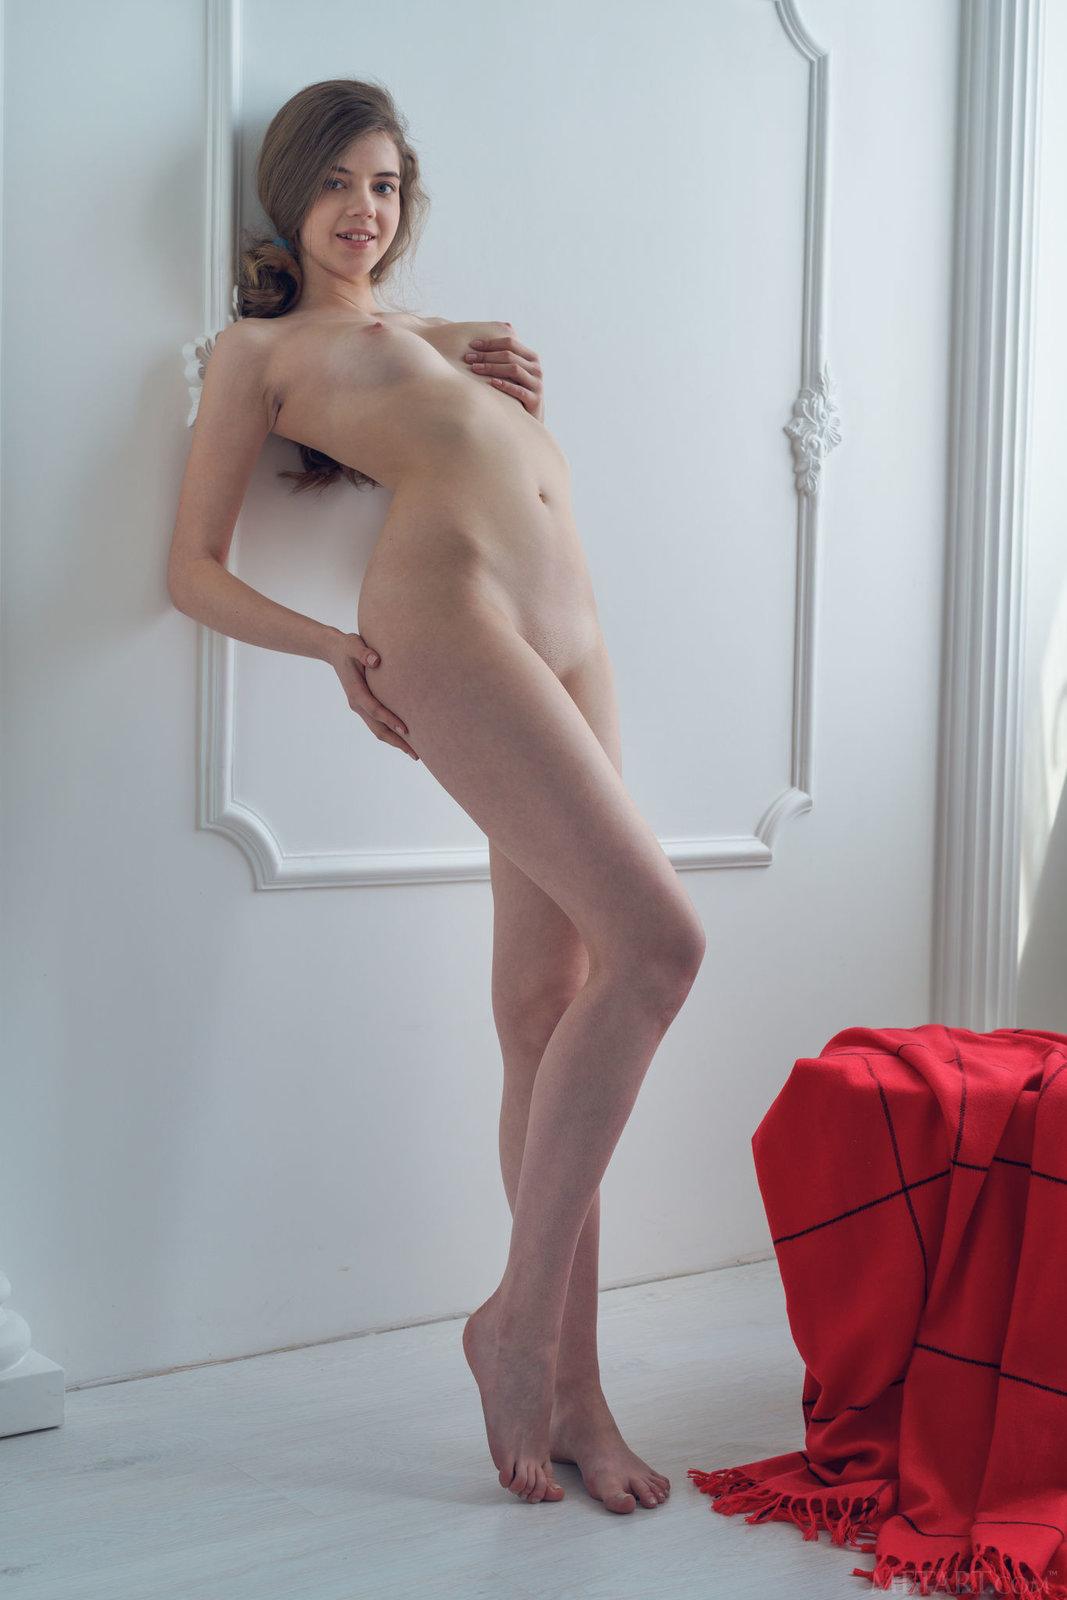 Zdjęcie porno - 152 - Niunia w czerwonych majteczkach